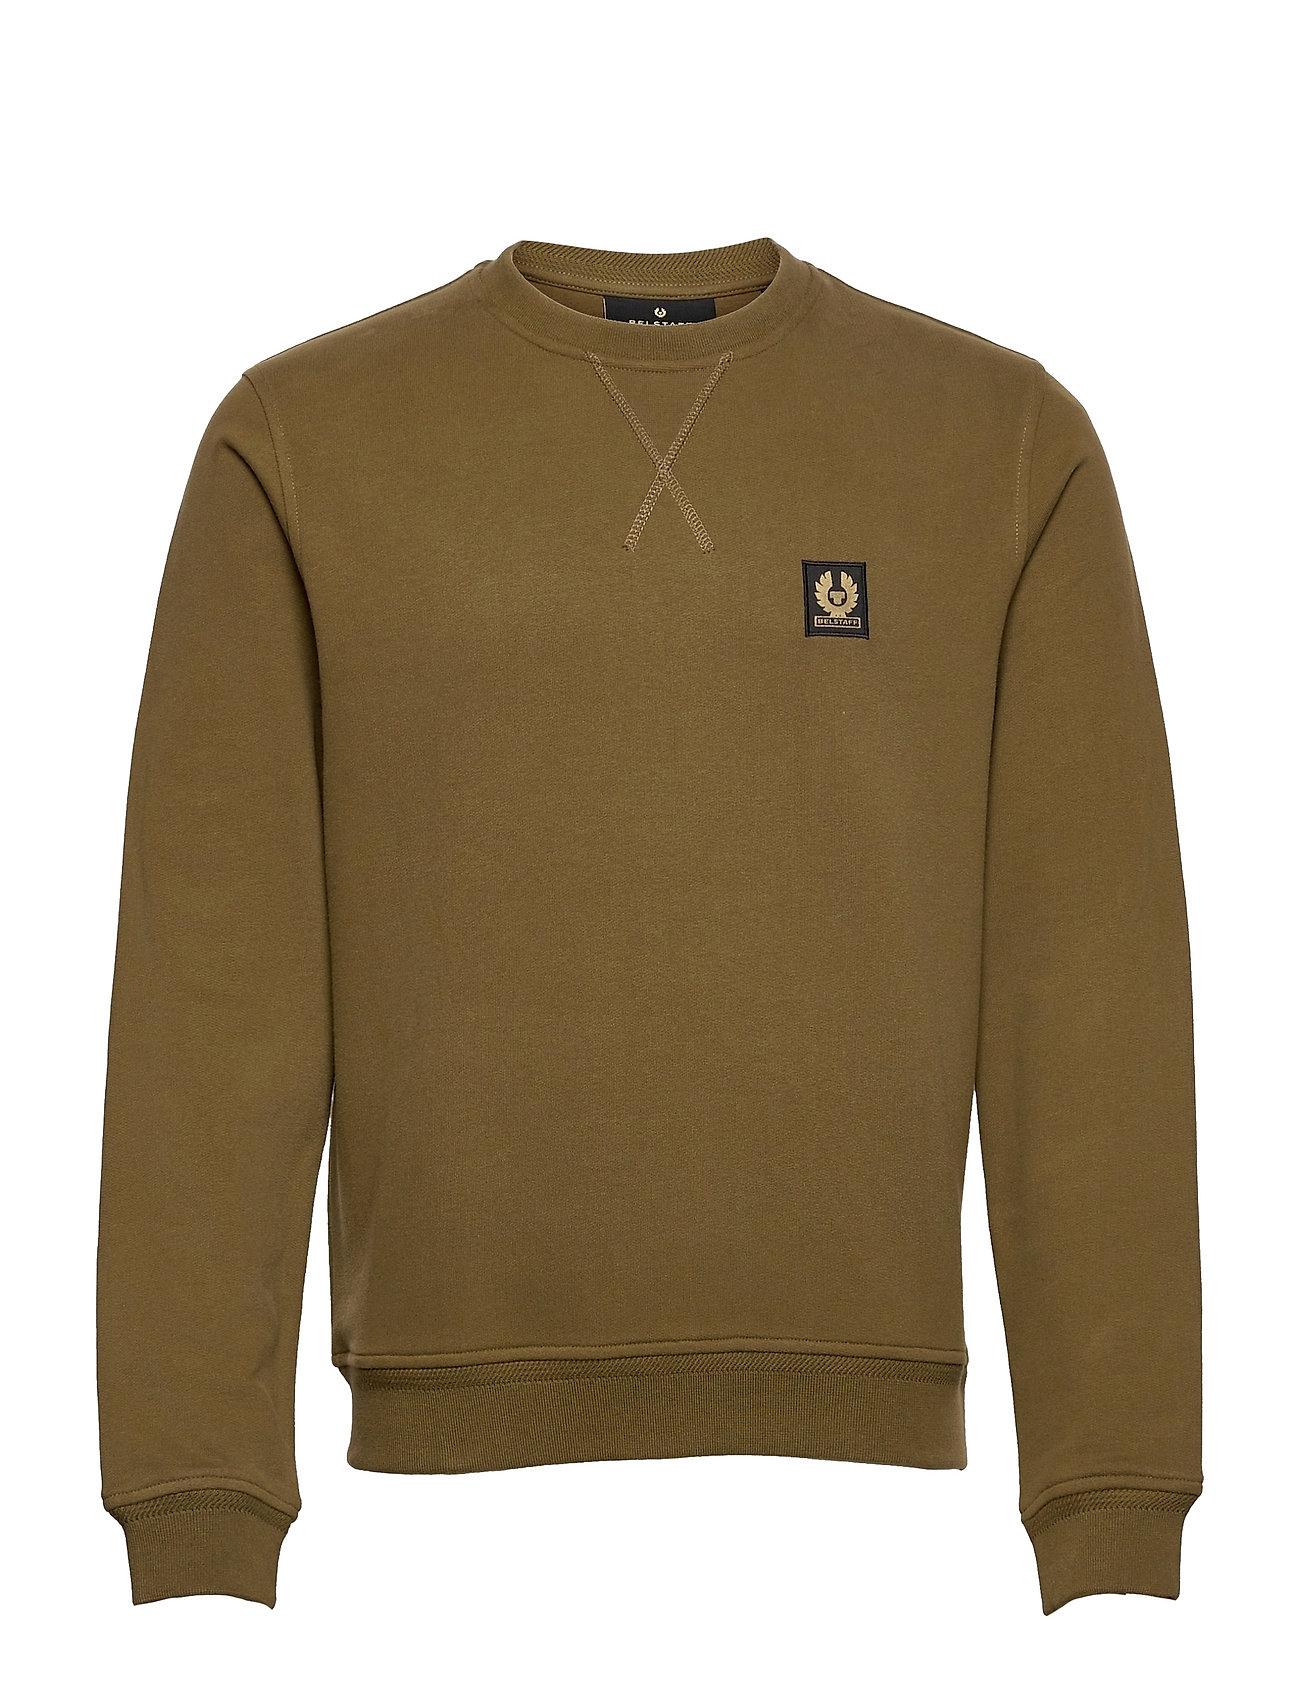 Belstaff Sweatshirt Sweatshirt Trøje Grøn Belstaff